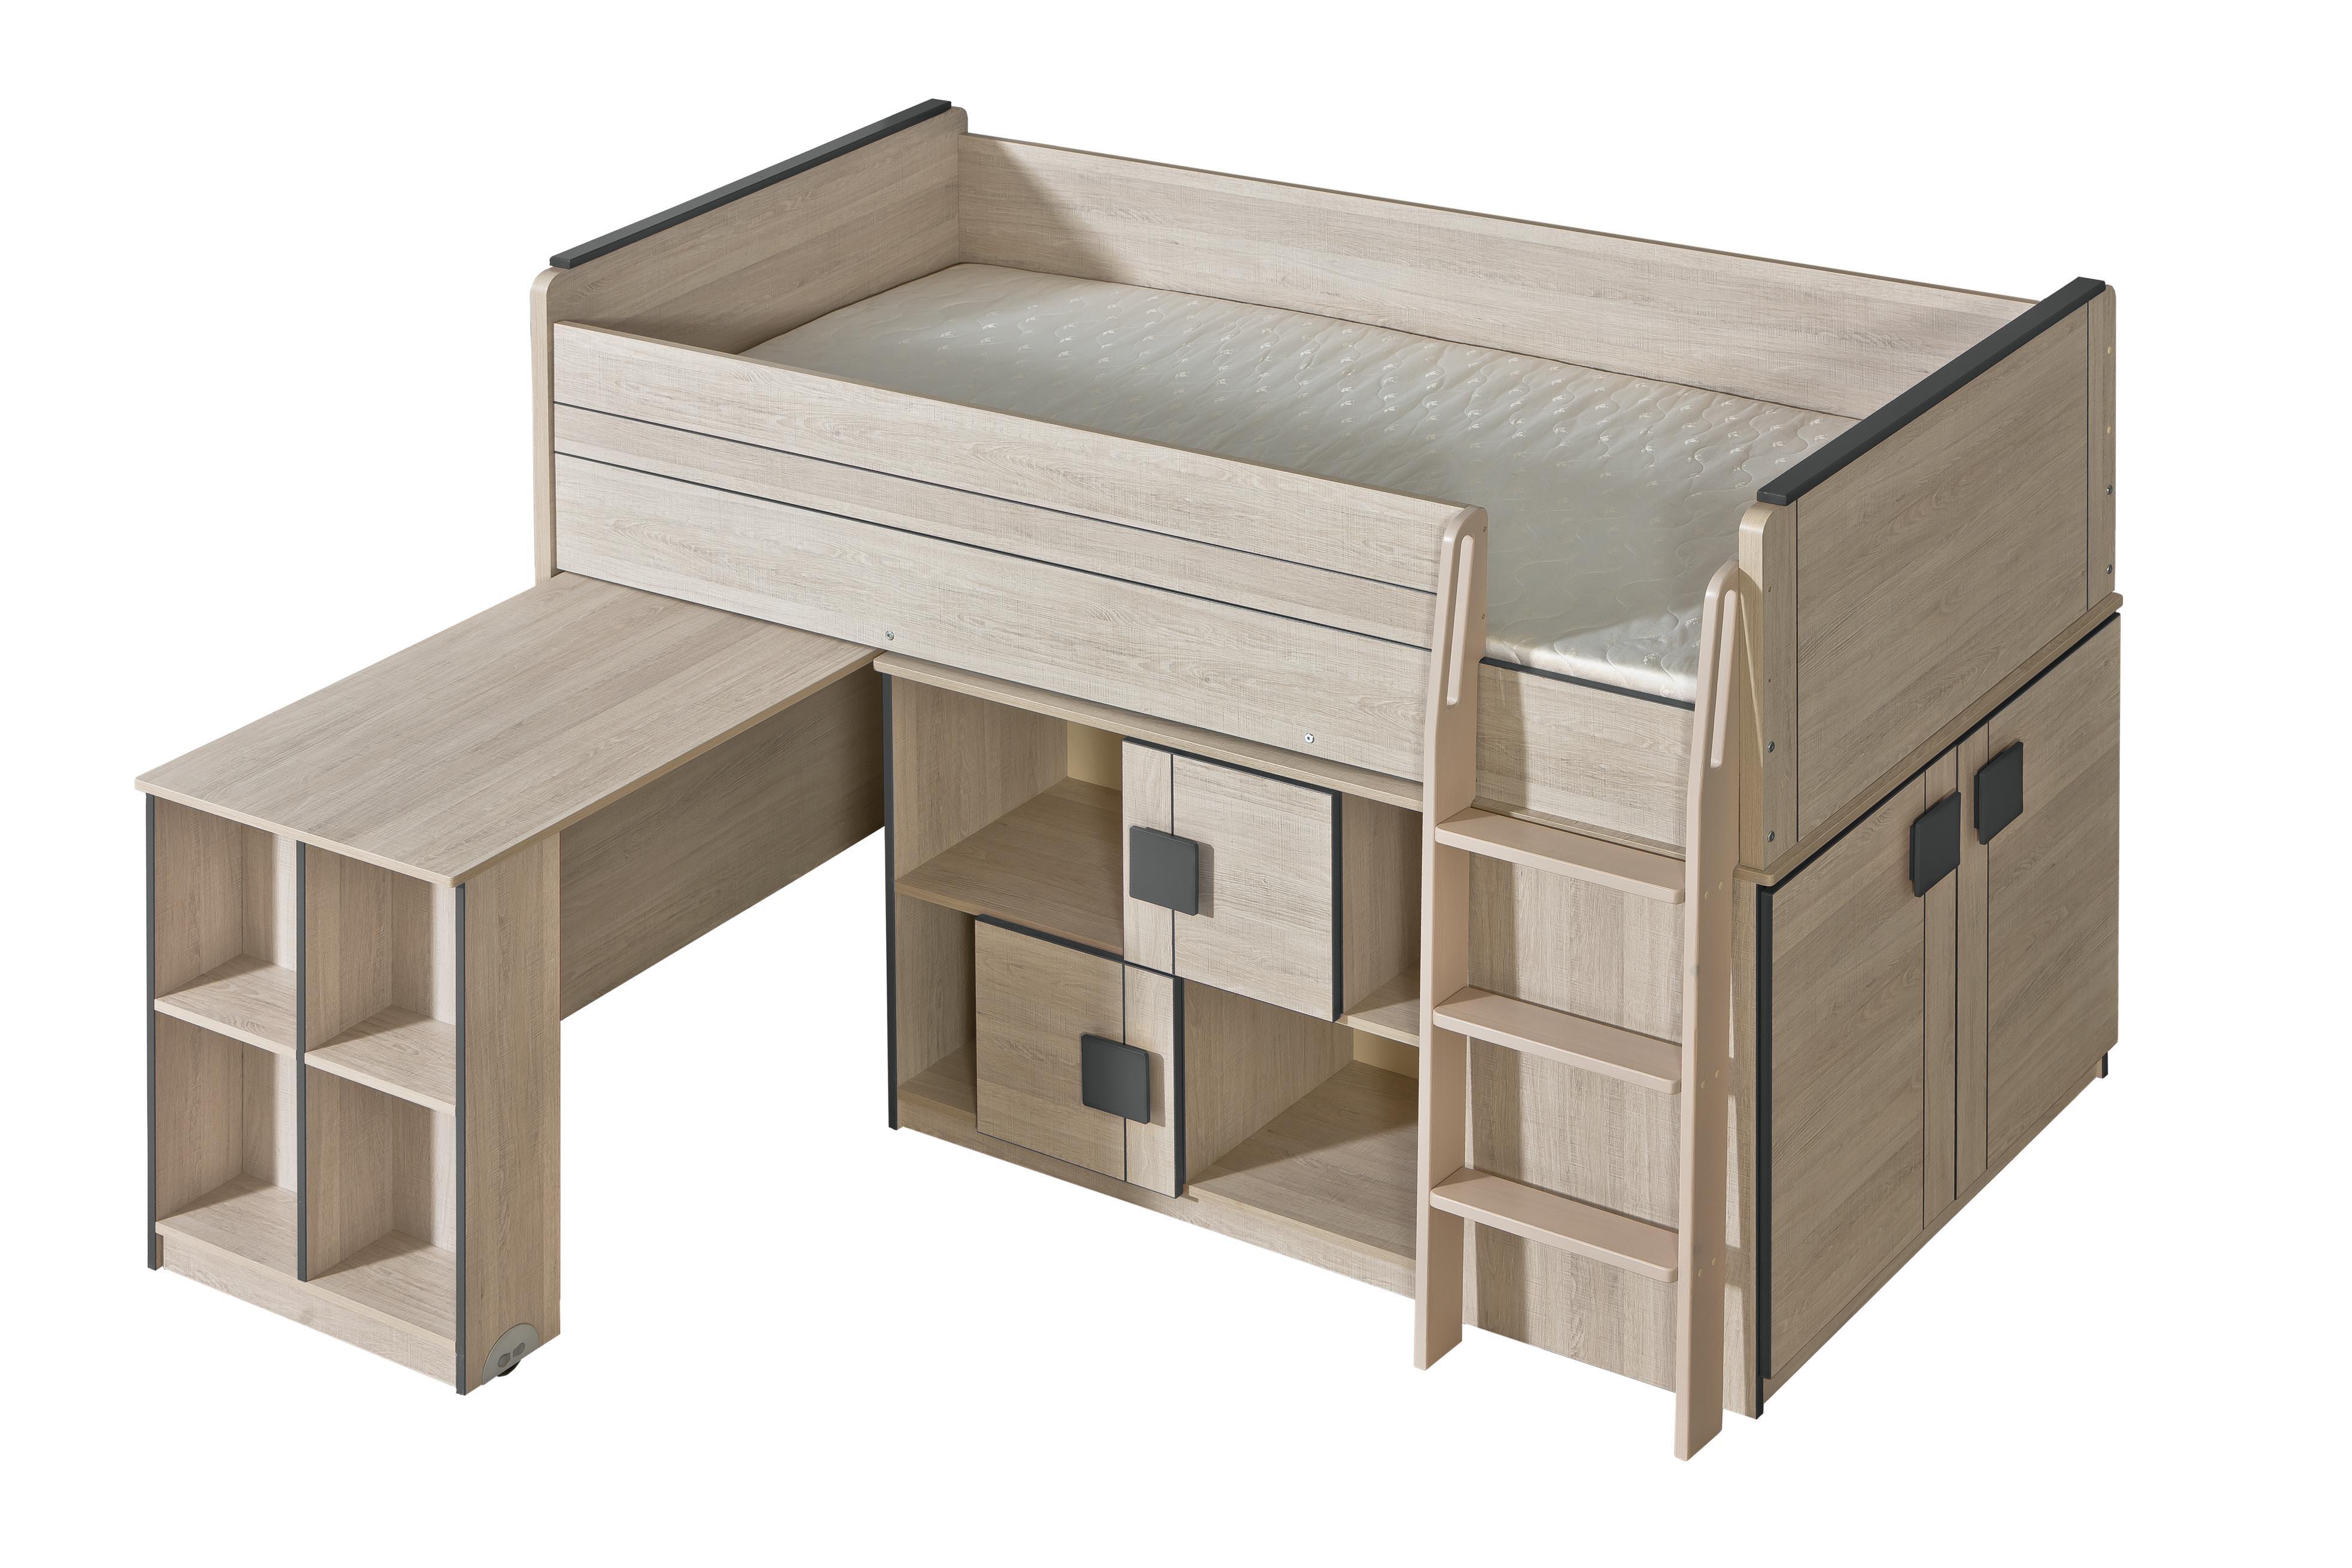 Poschodová posteľ 90 cm - Gemo - G19 (s roštom). Akcia -31%. Vlastná spoľahlivá doprava až k Vám domov.